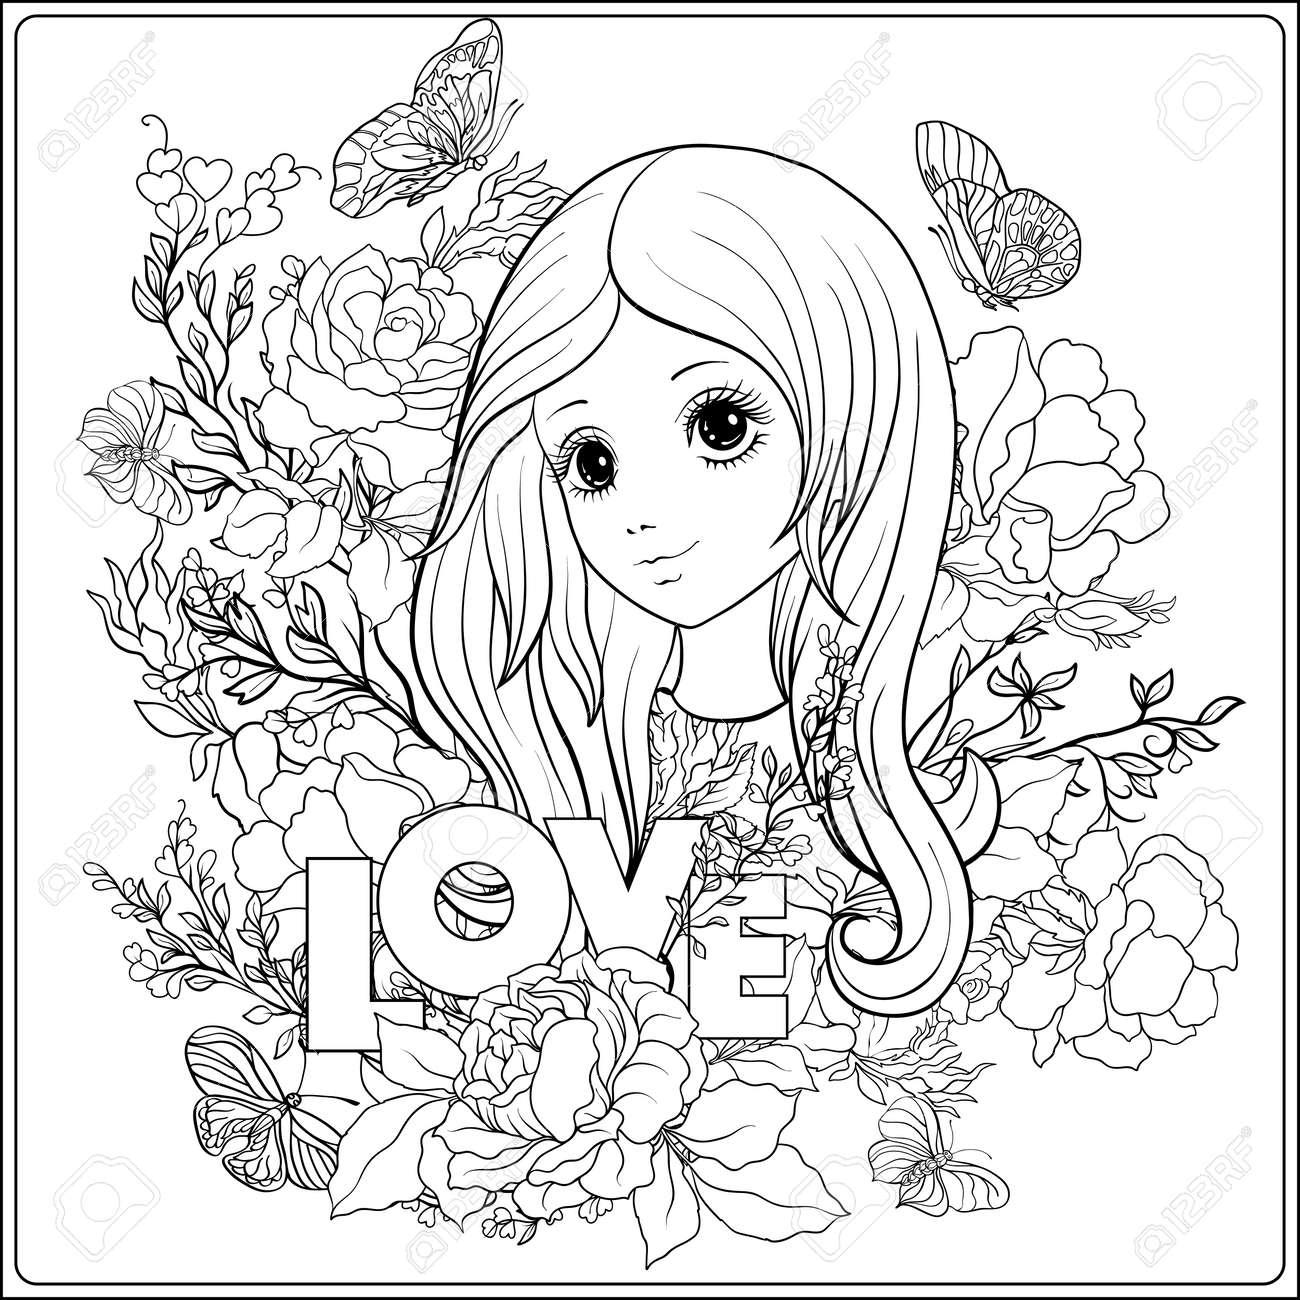 Muchacha Agradable Joven Con Largo Oye En El Jardín De Rosas Dibujo De Dibujo Para Colorear Libro De Colorear Para Adulto Vector De Stock